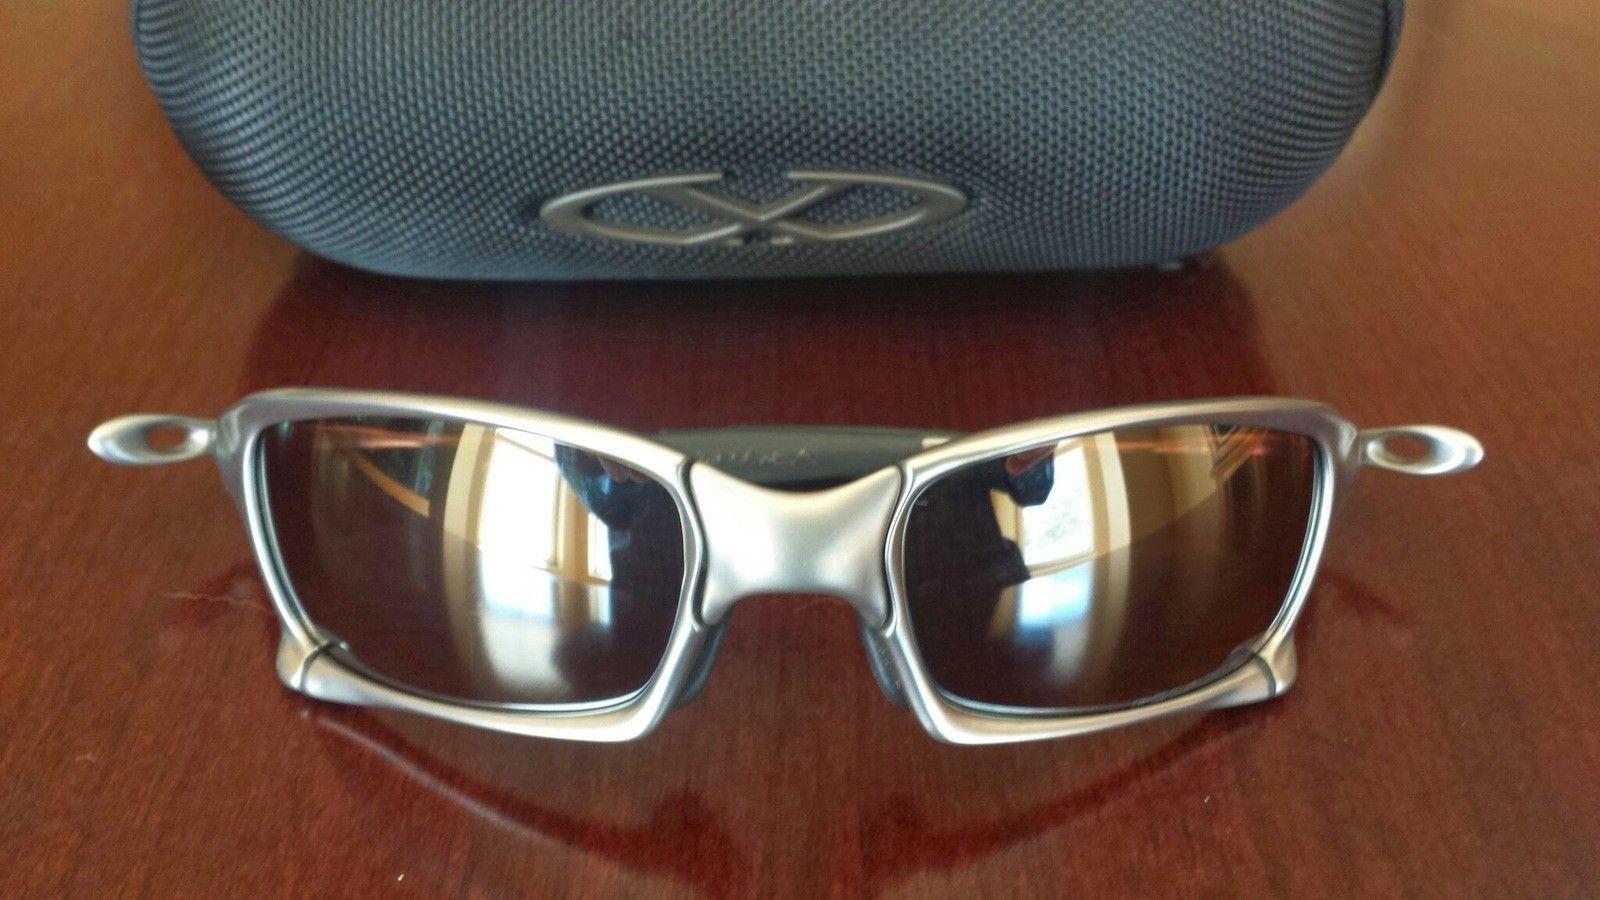 X-Squared Frames - Lenses Optional - 20140331_141124.jpg